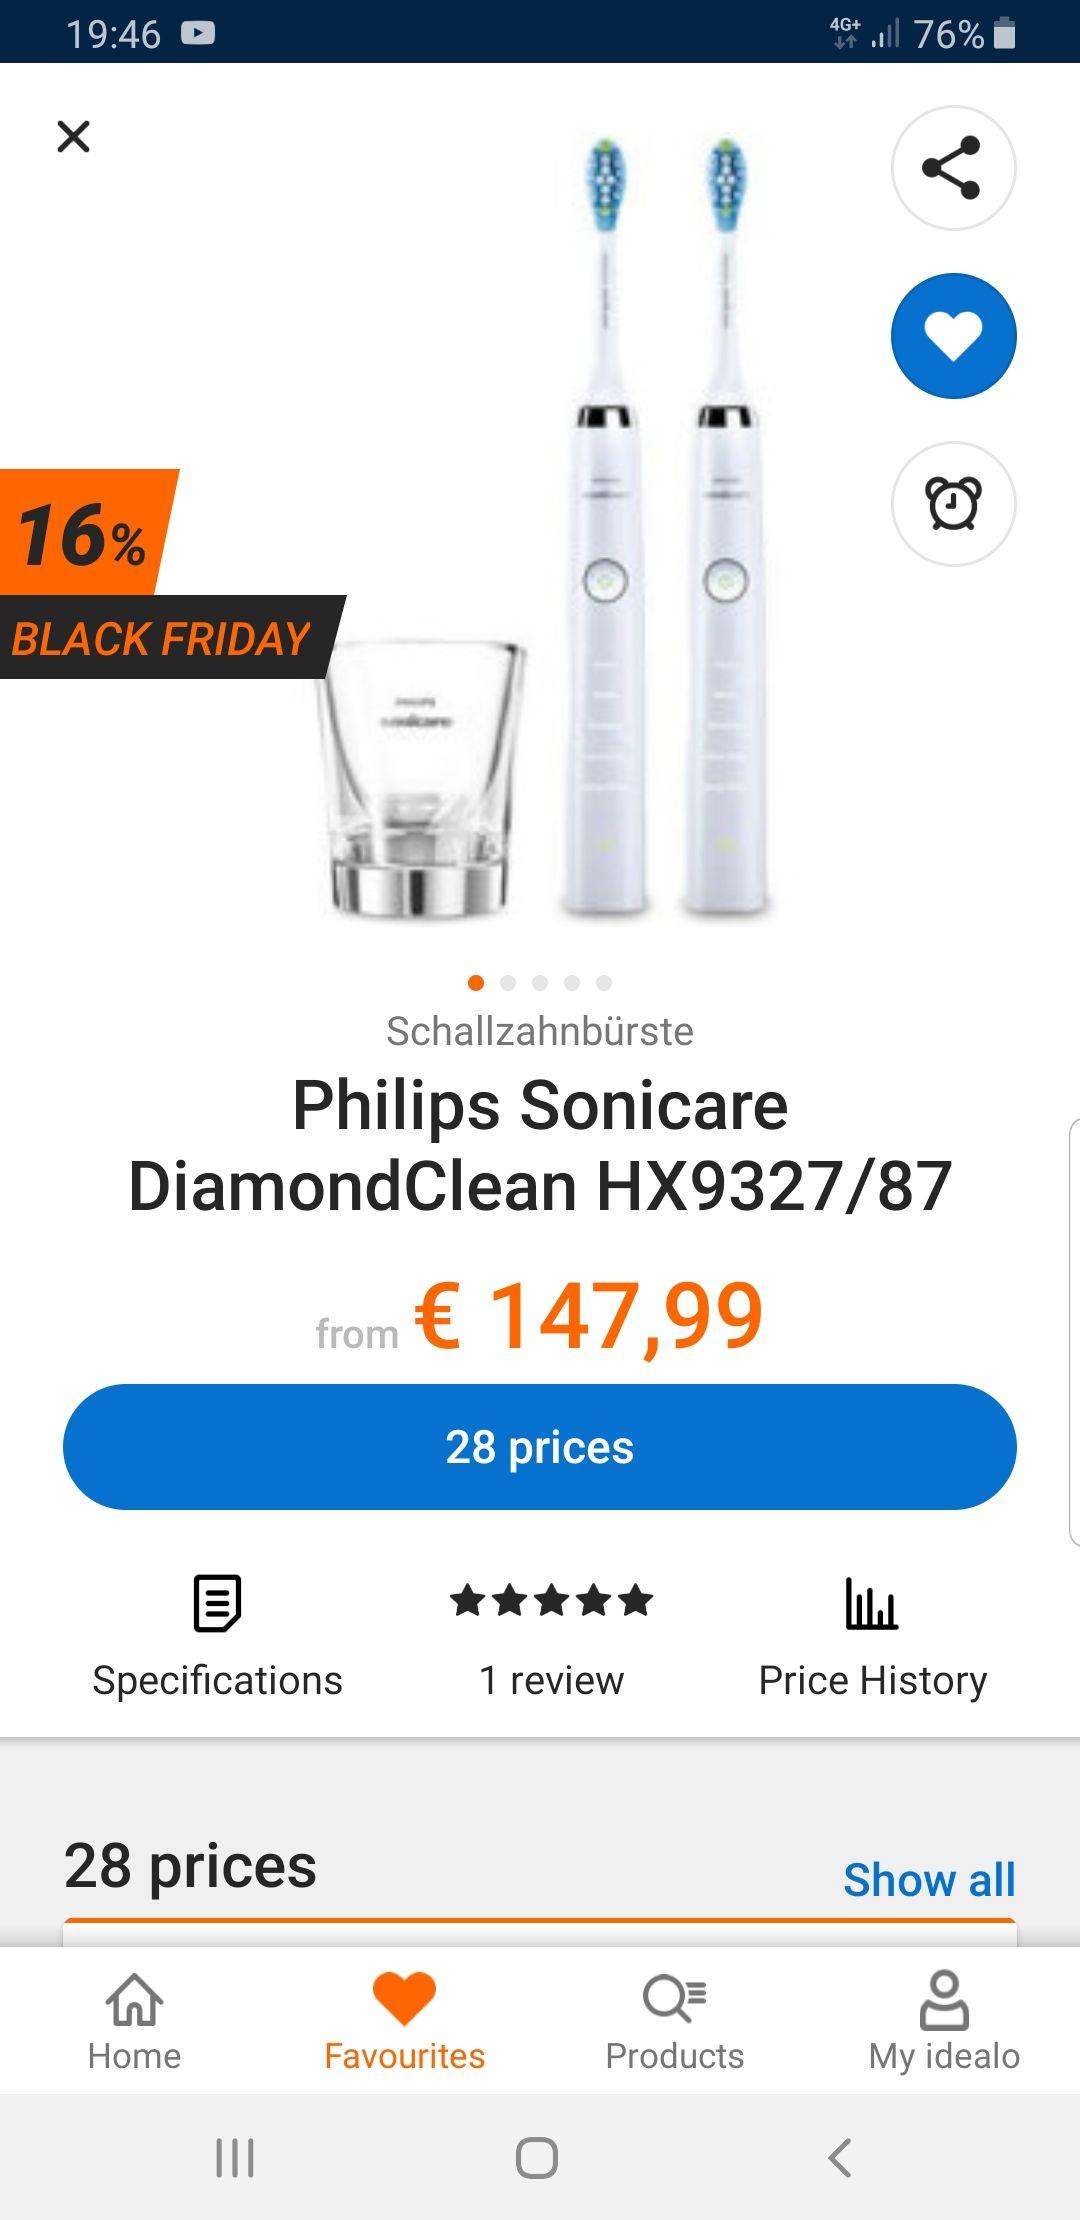 Philips Sonicare DiamondClean HX9327/87 EUR 152,96